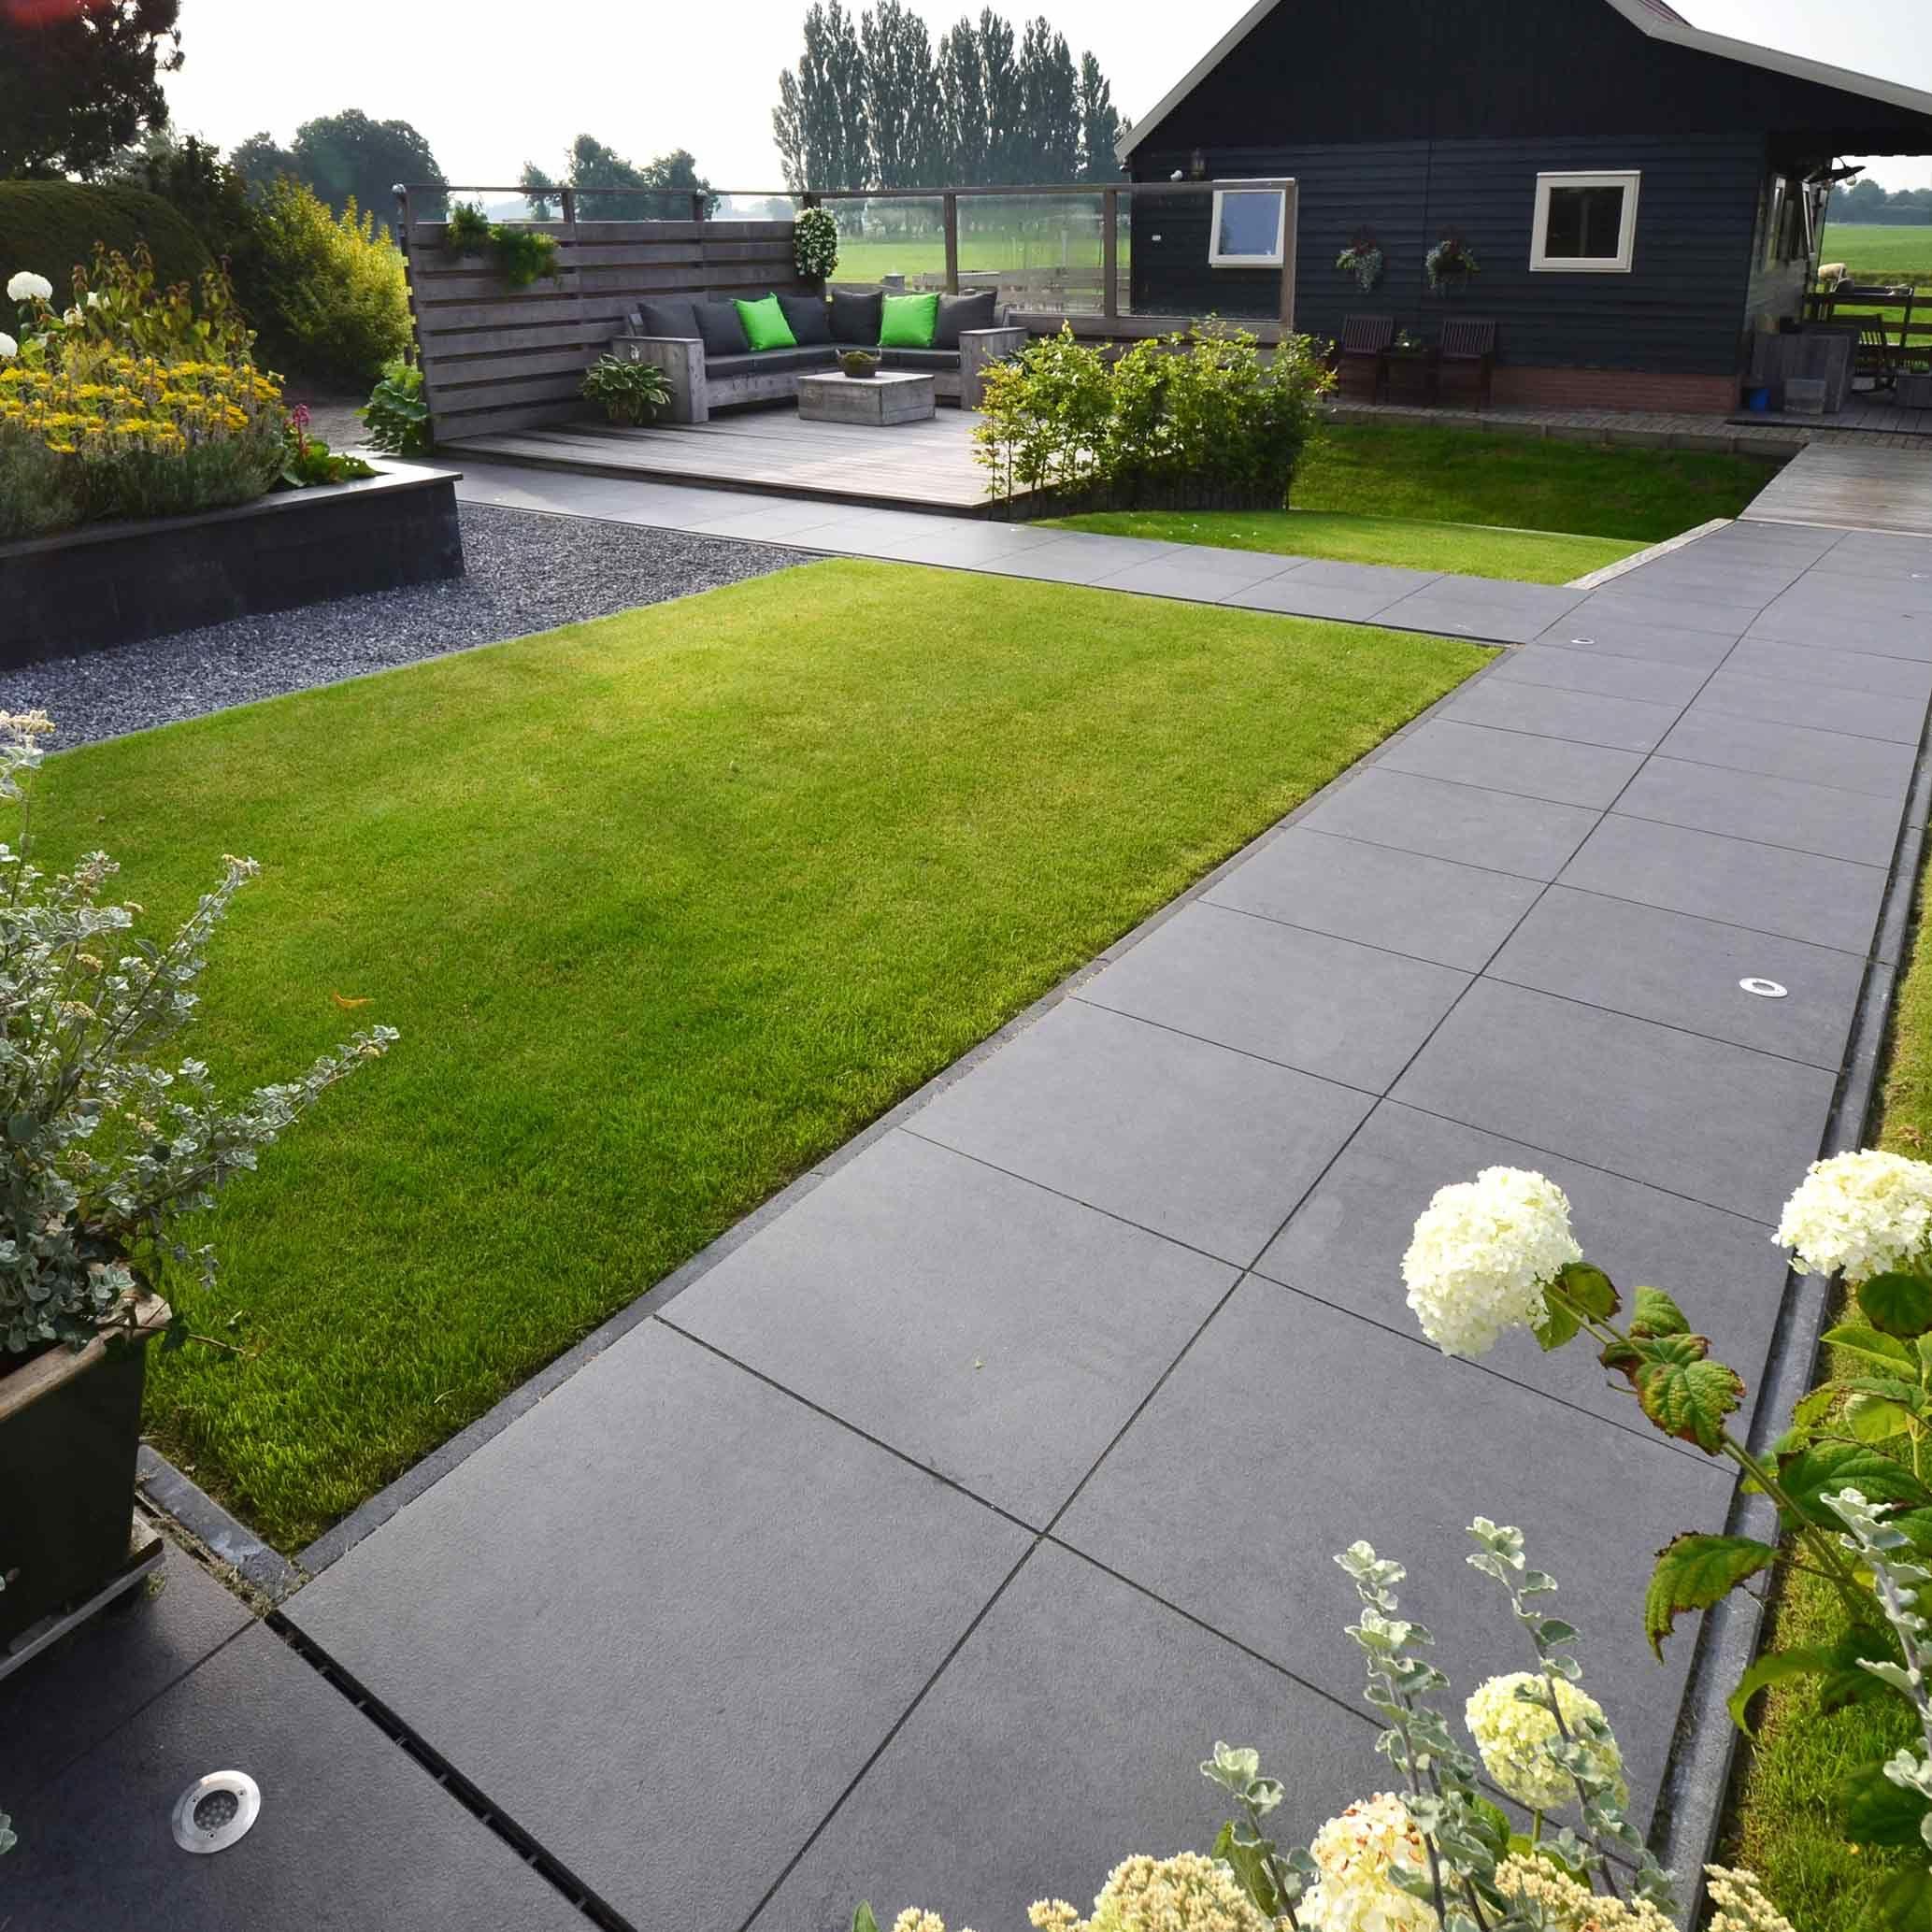 Moderne tuin met grote grijze tegels tuin pinterest grijze tegels moderne tuin en tegels - Ideeen terras ...